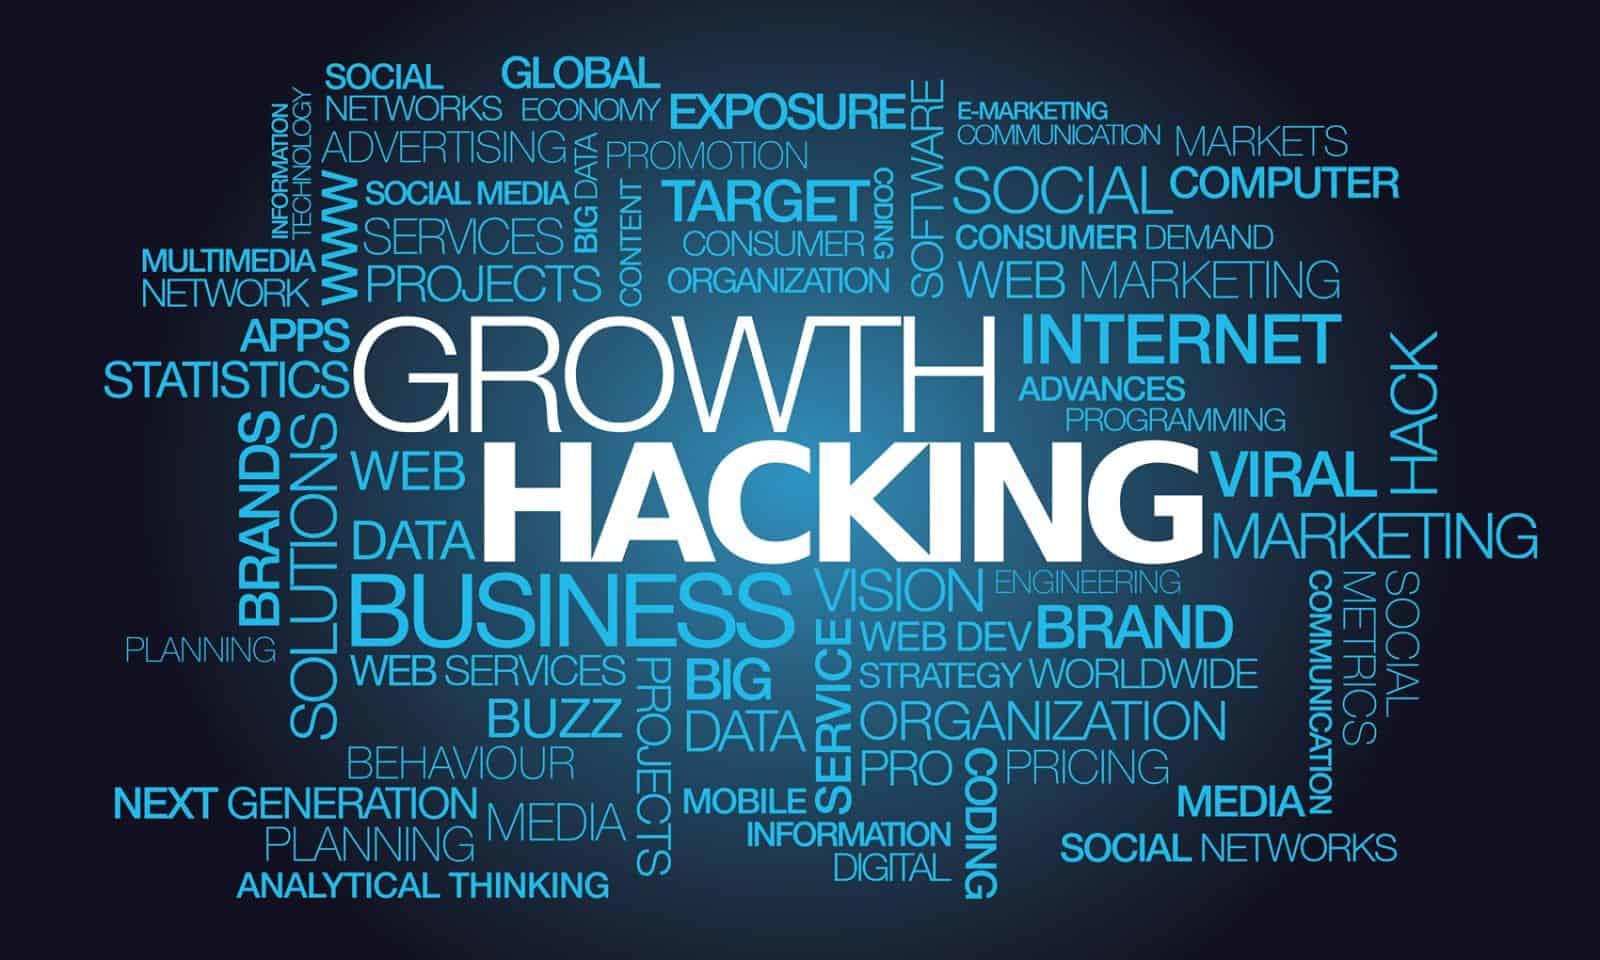 Growthhacking